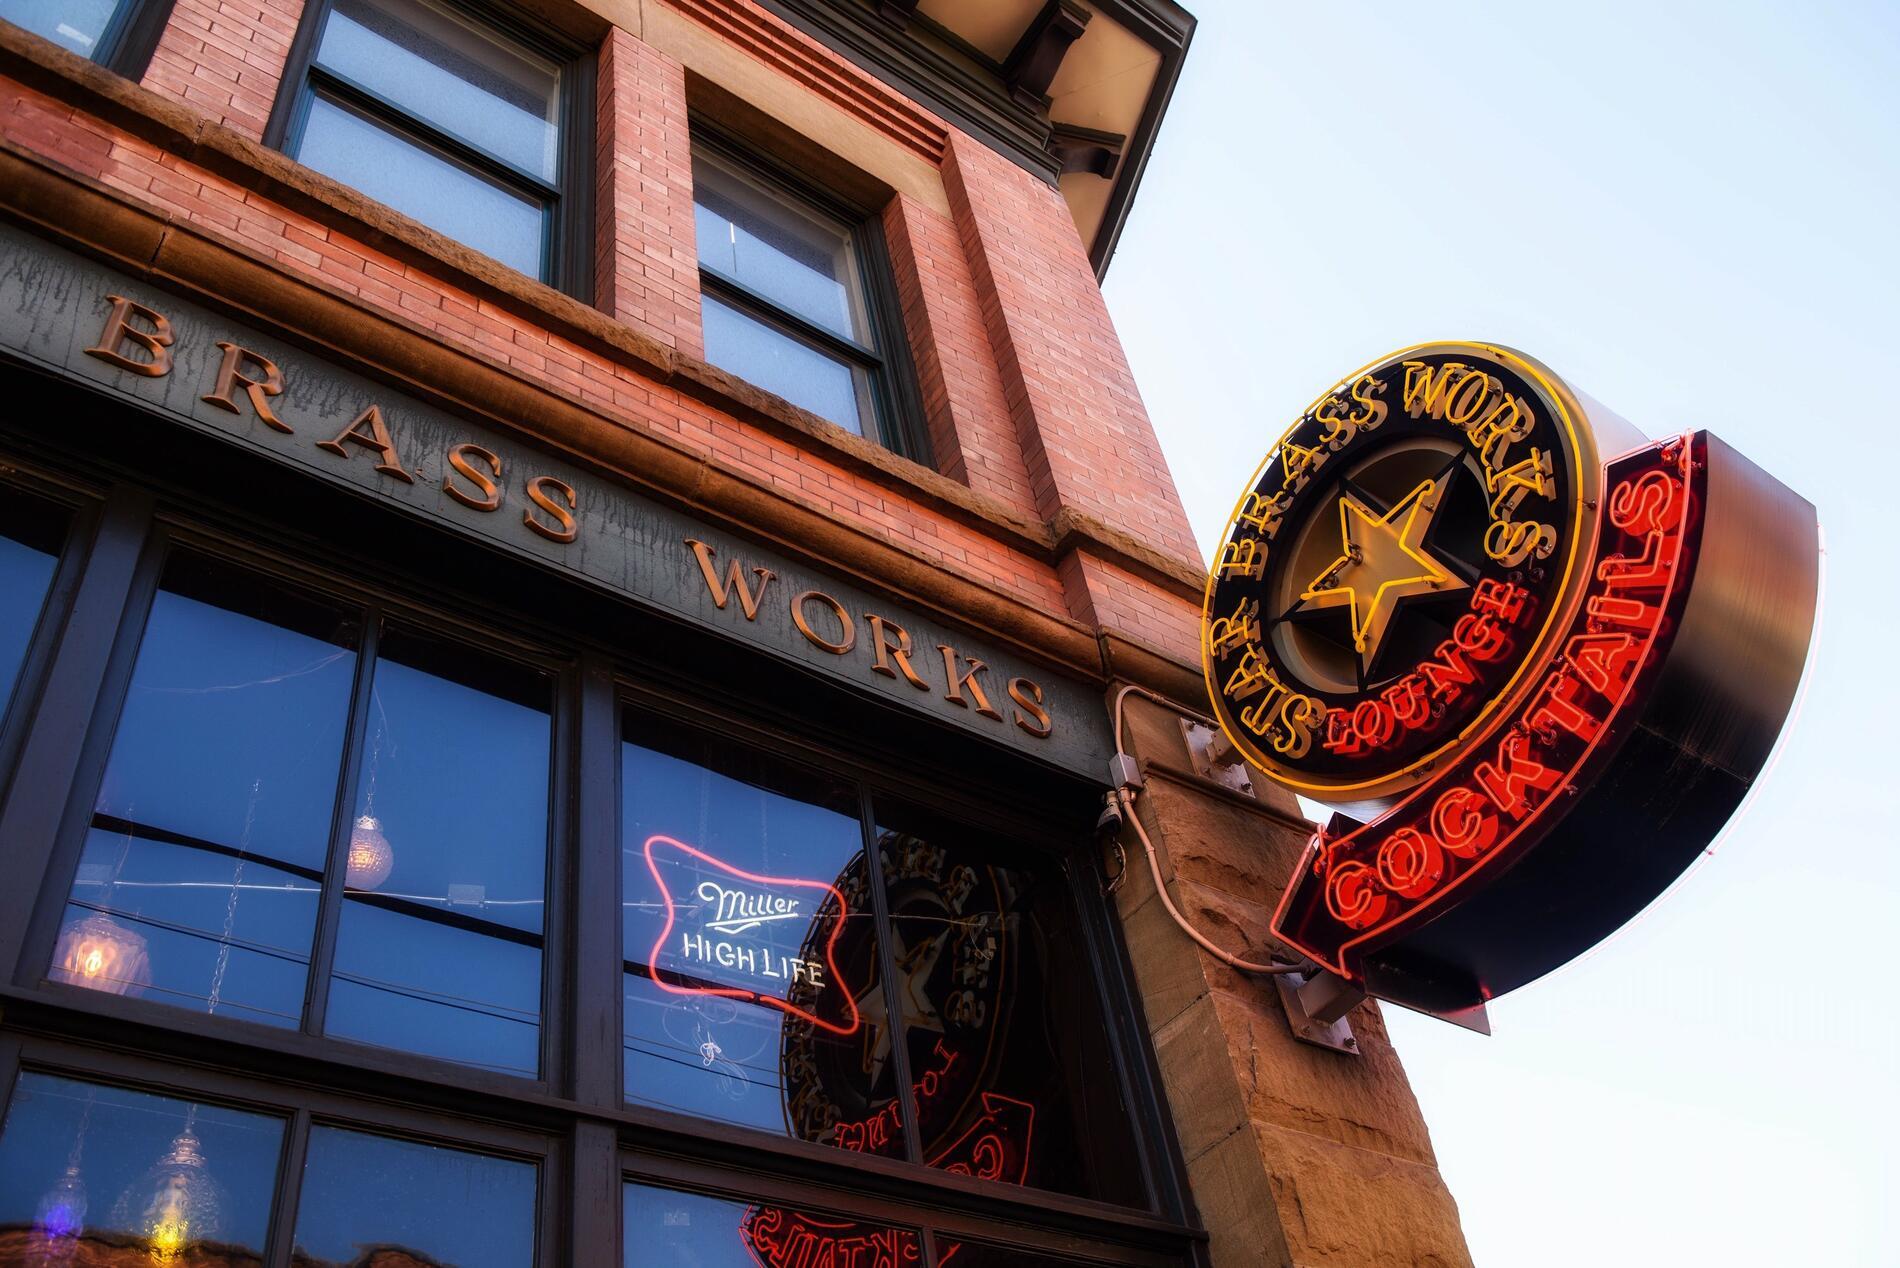 Brass Works restaurant